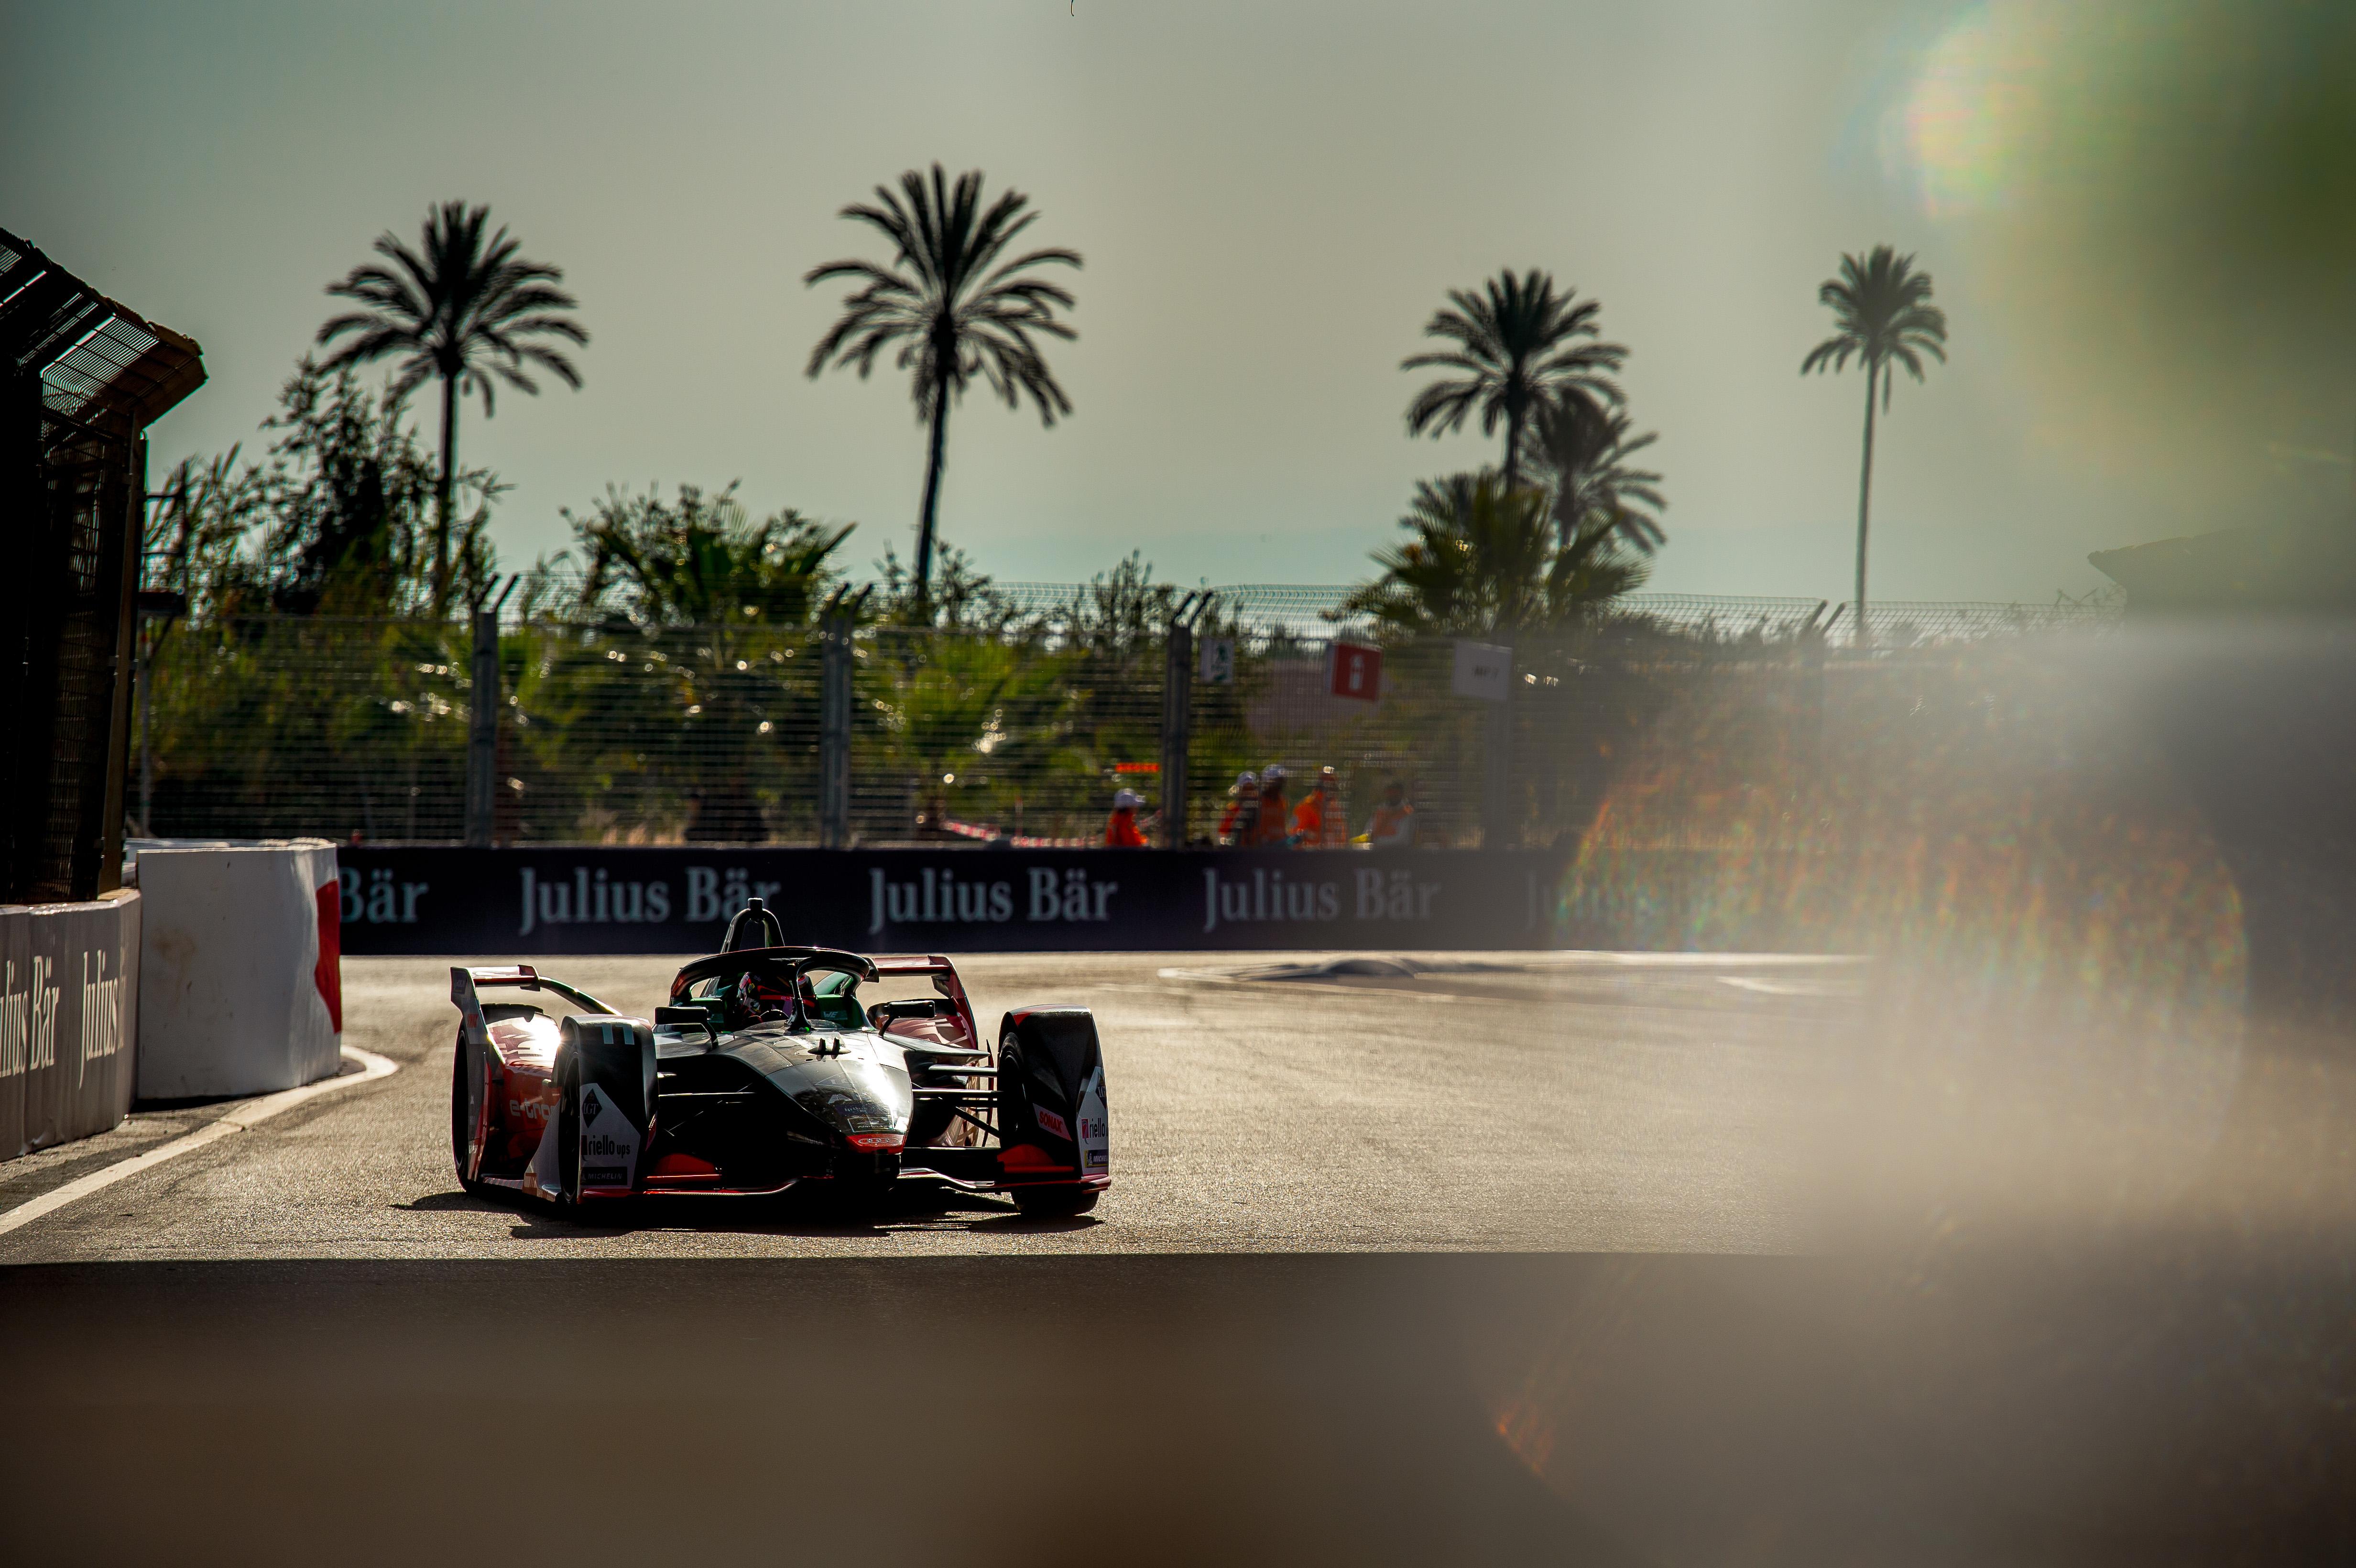 Lucas di Grassi Audi Marrakesh Formula E 2020